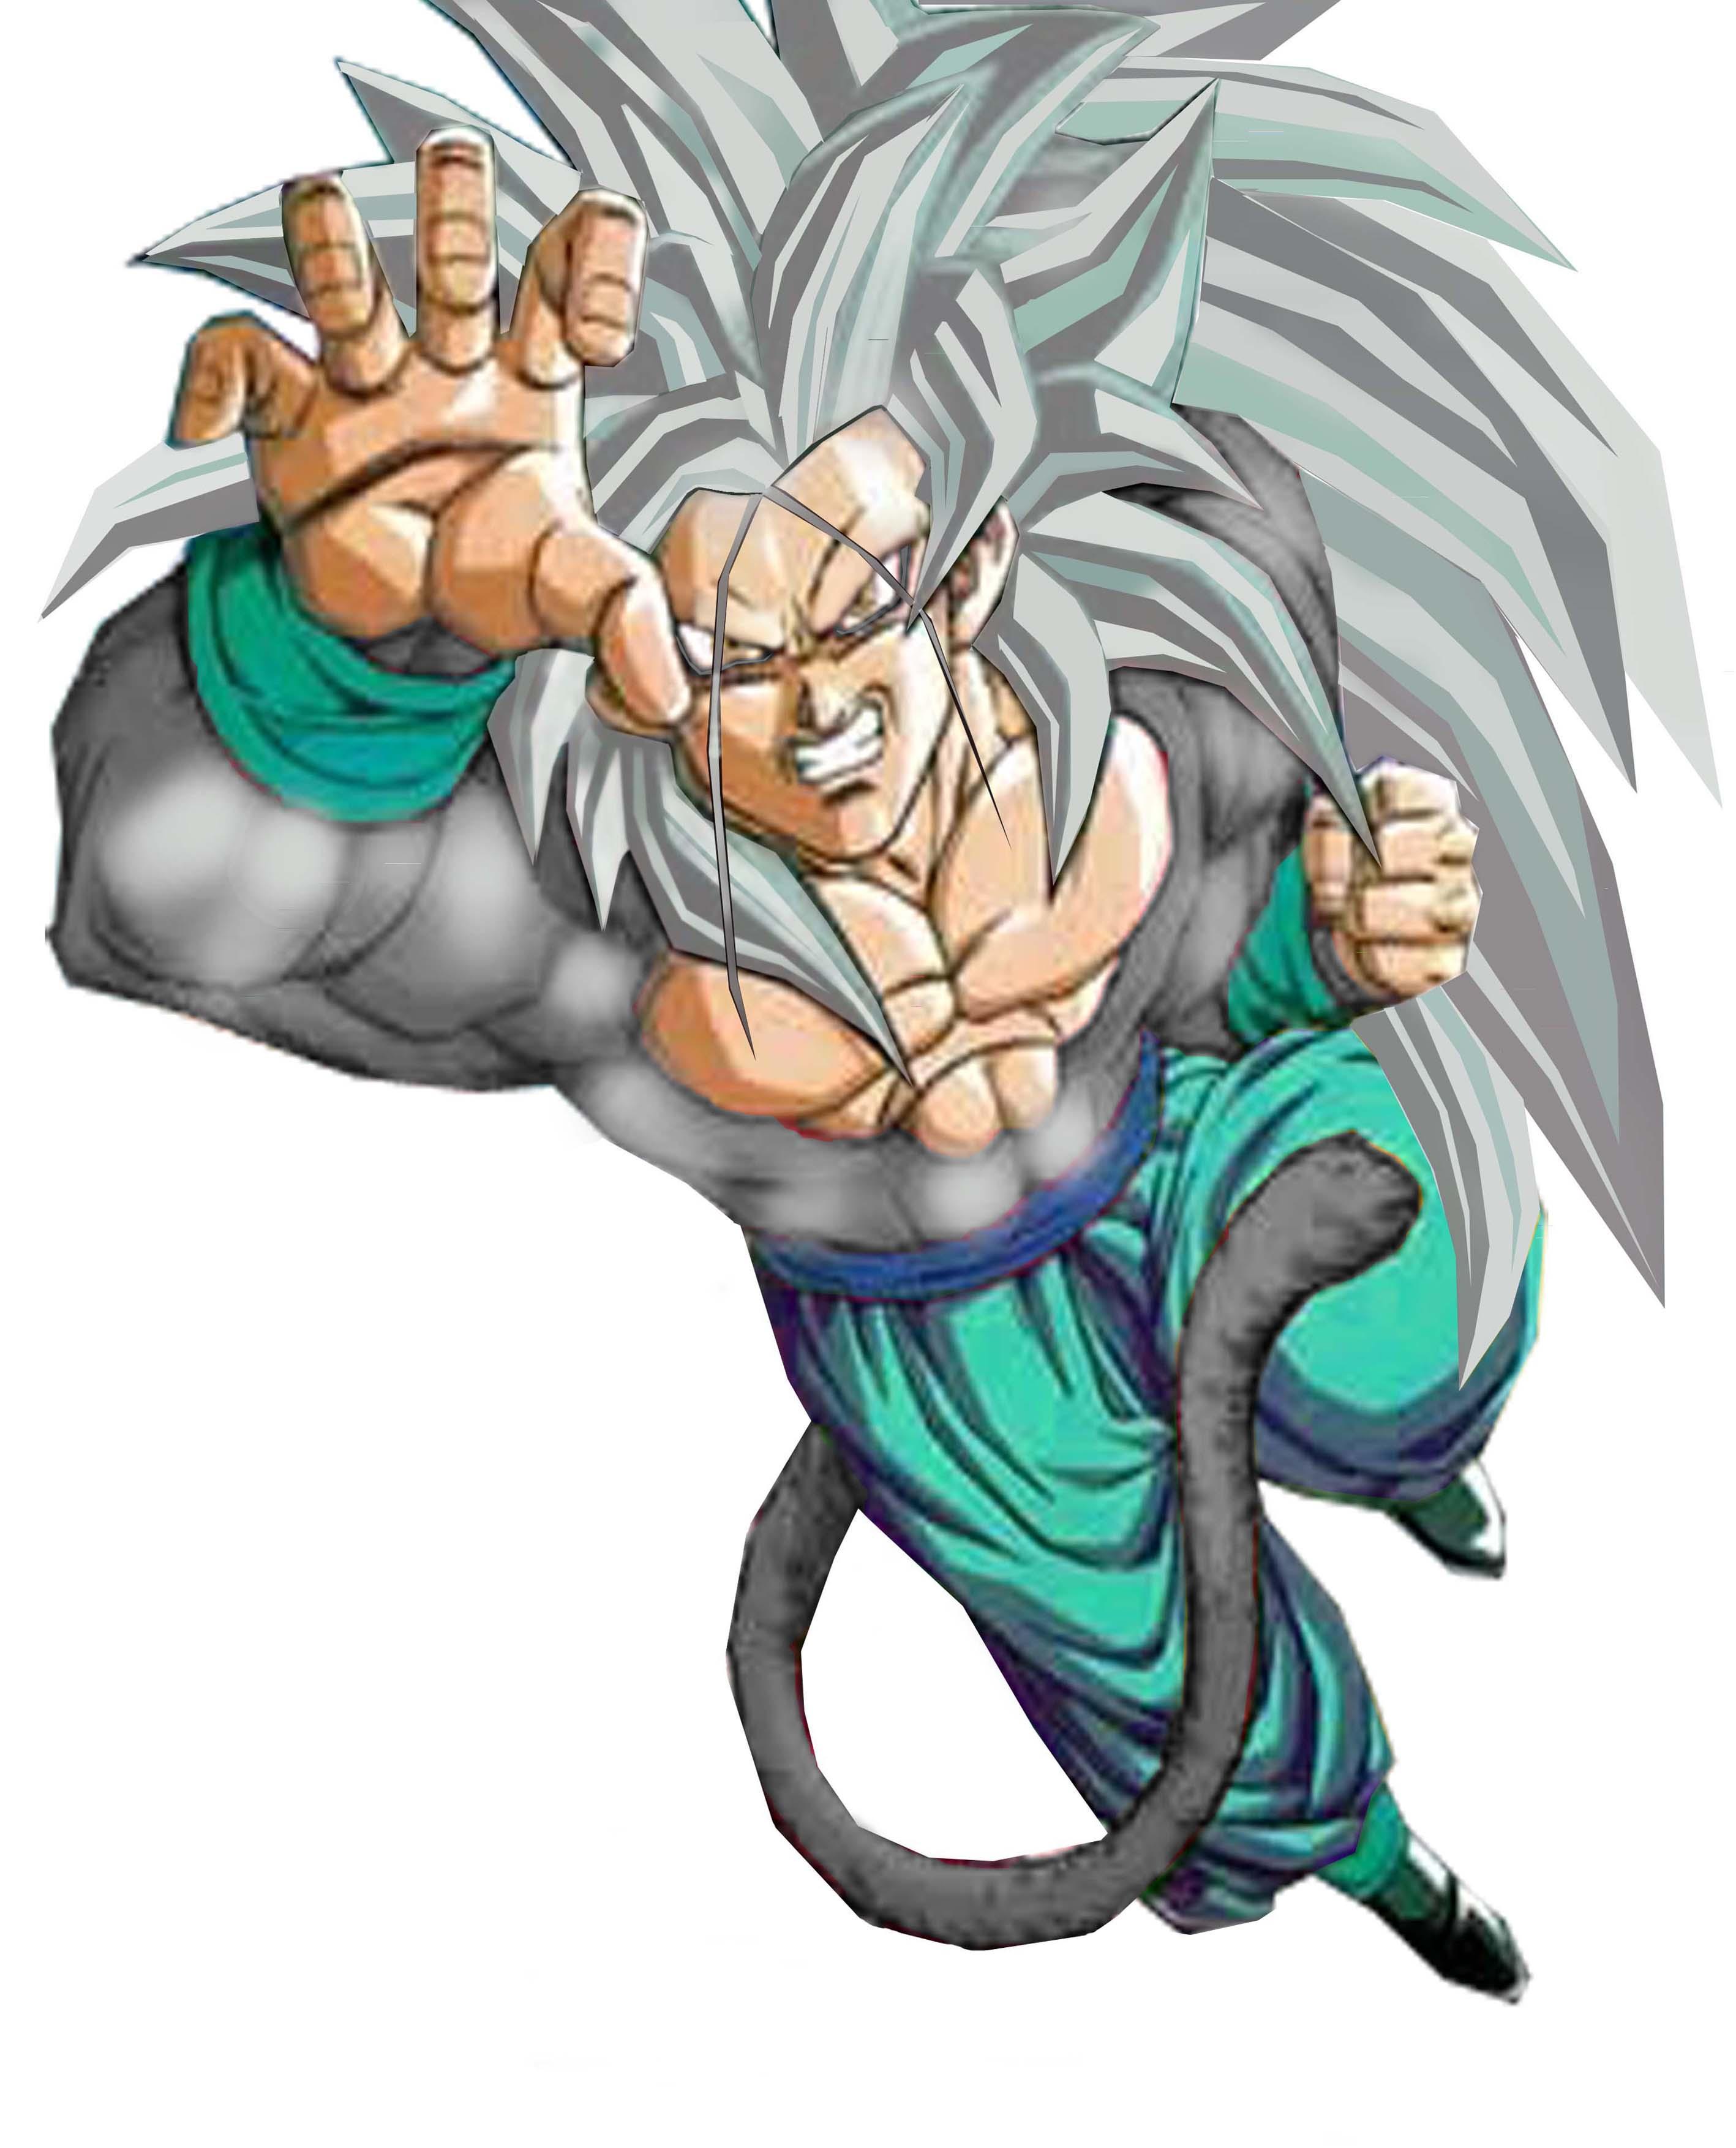 Dragon Ball Z: La batalla de los Dioses - Taringa!